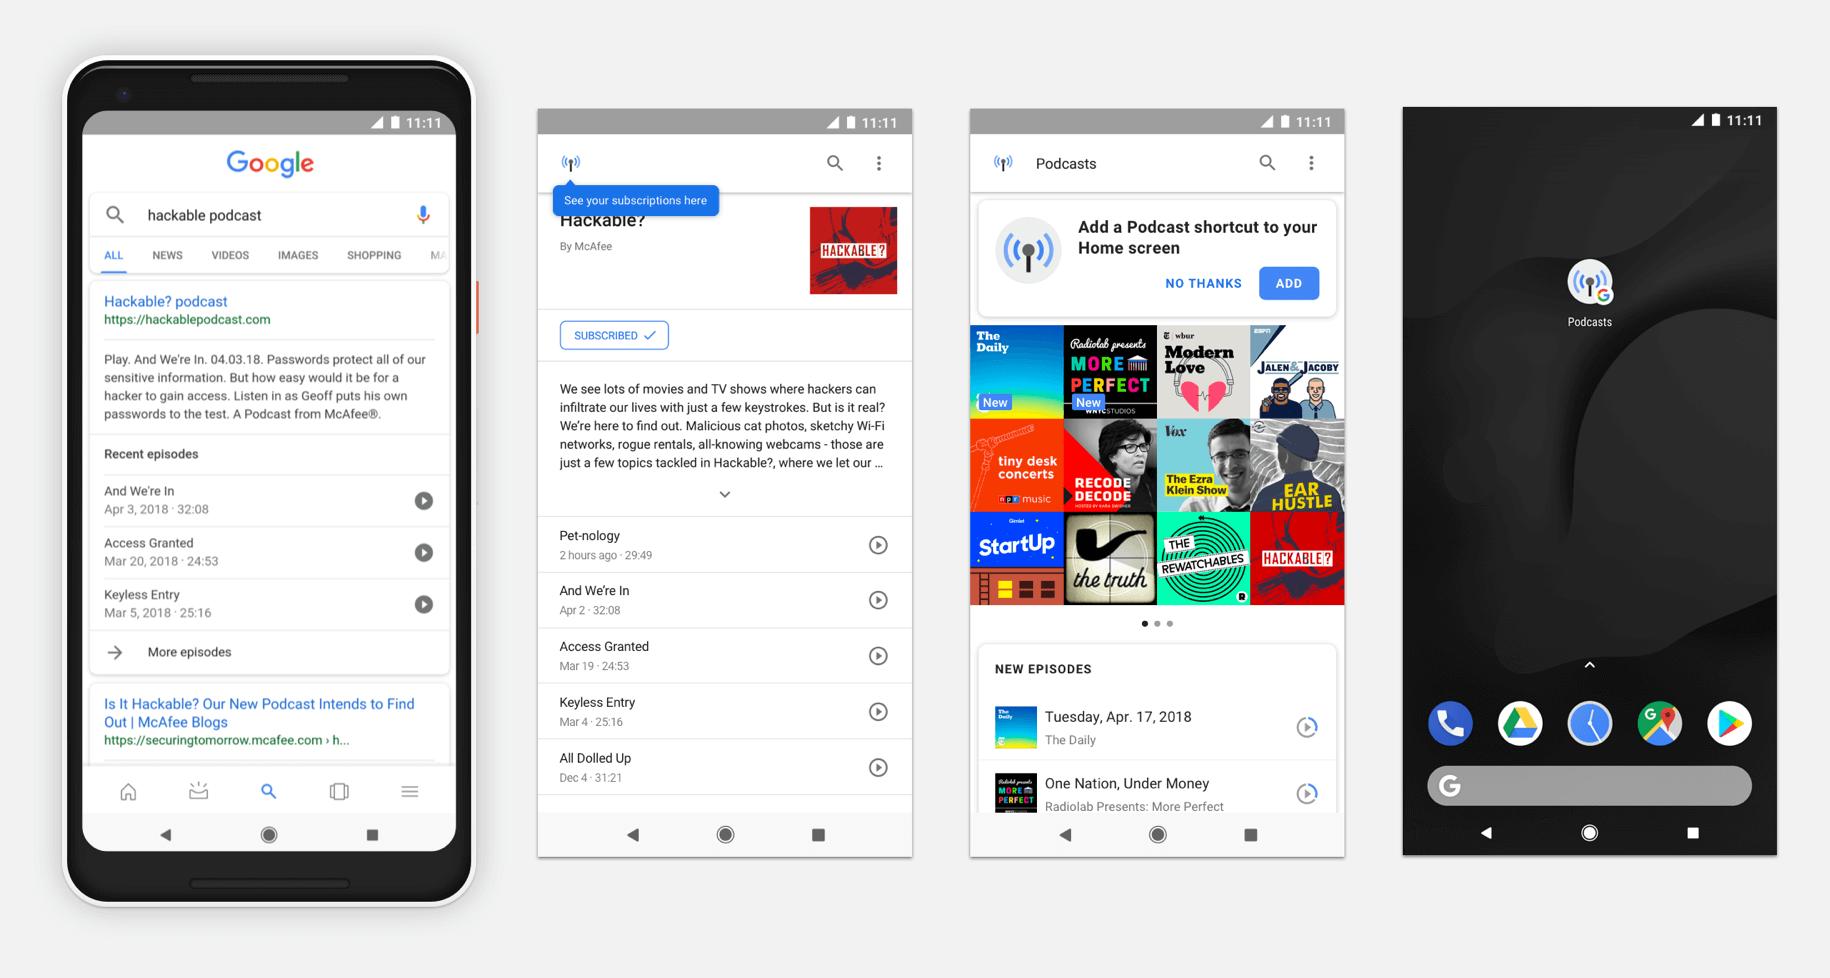 Google et référencement de contenu audio - 1ère Position